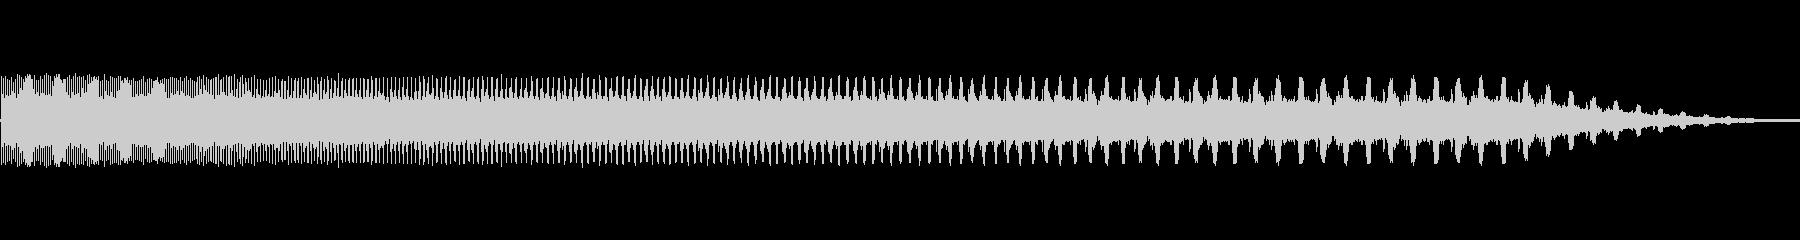 ビープ音が鳴り、速度bが変化しますの未再生の波形